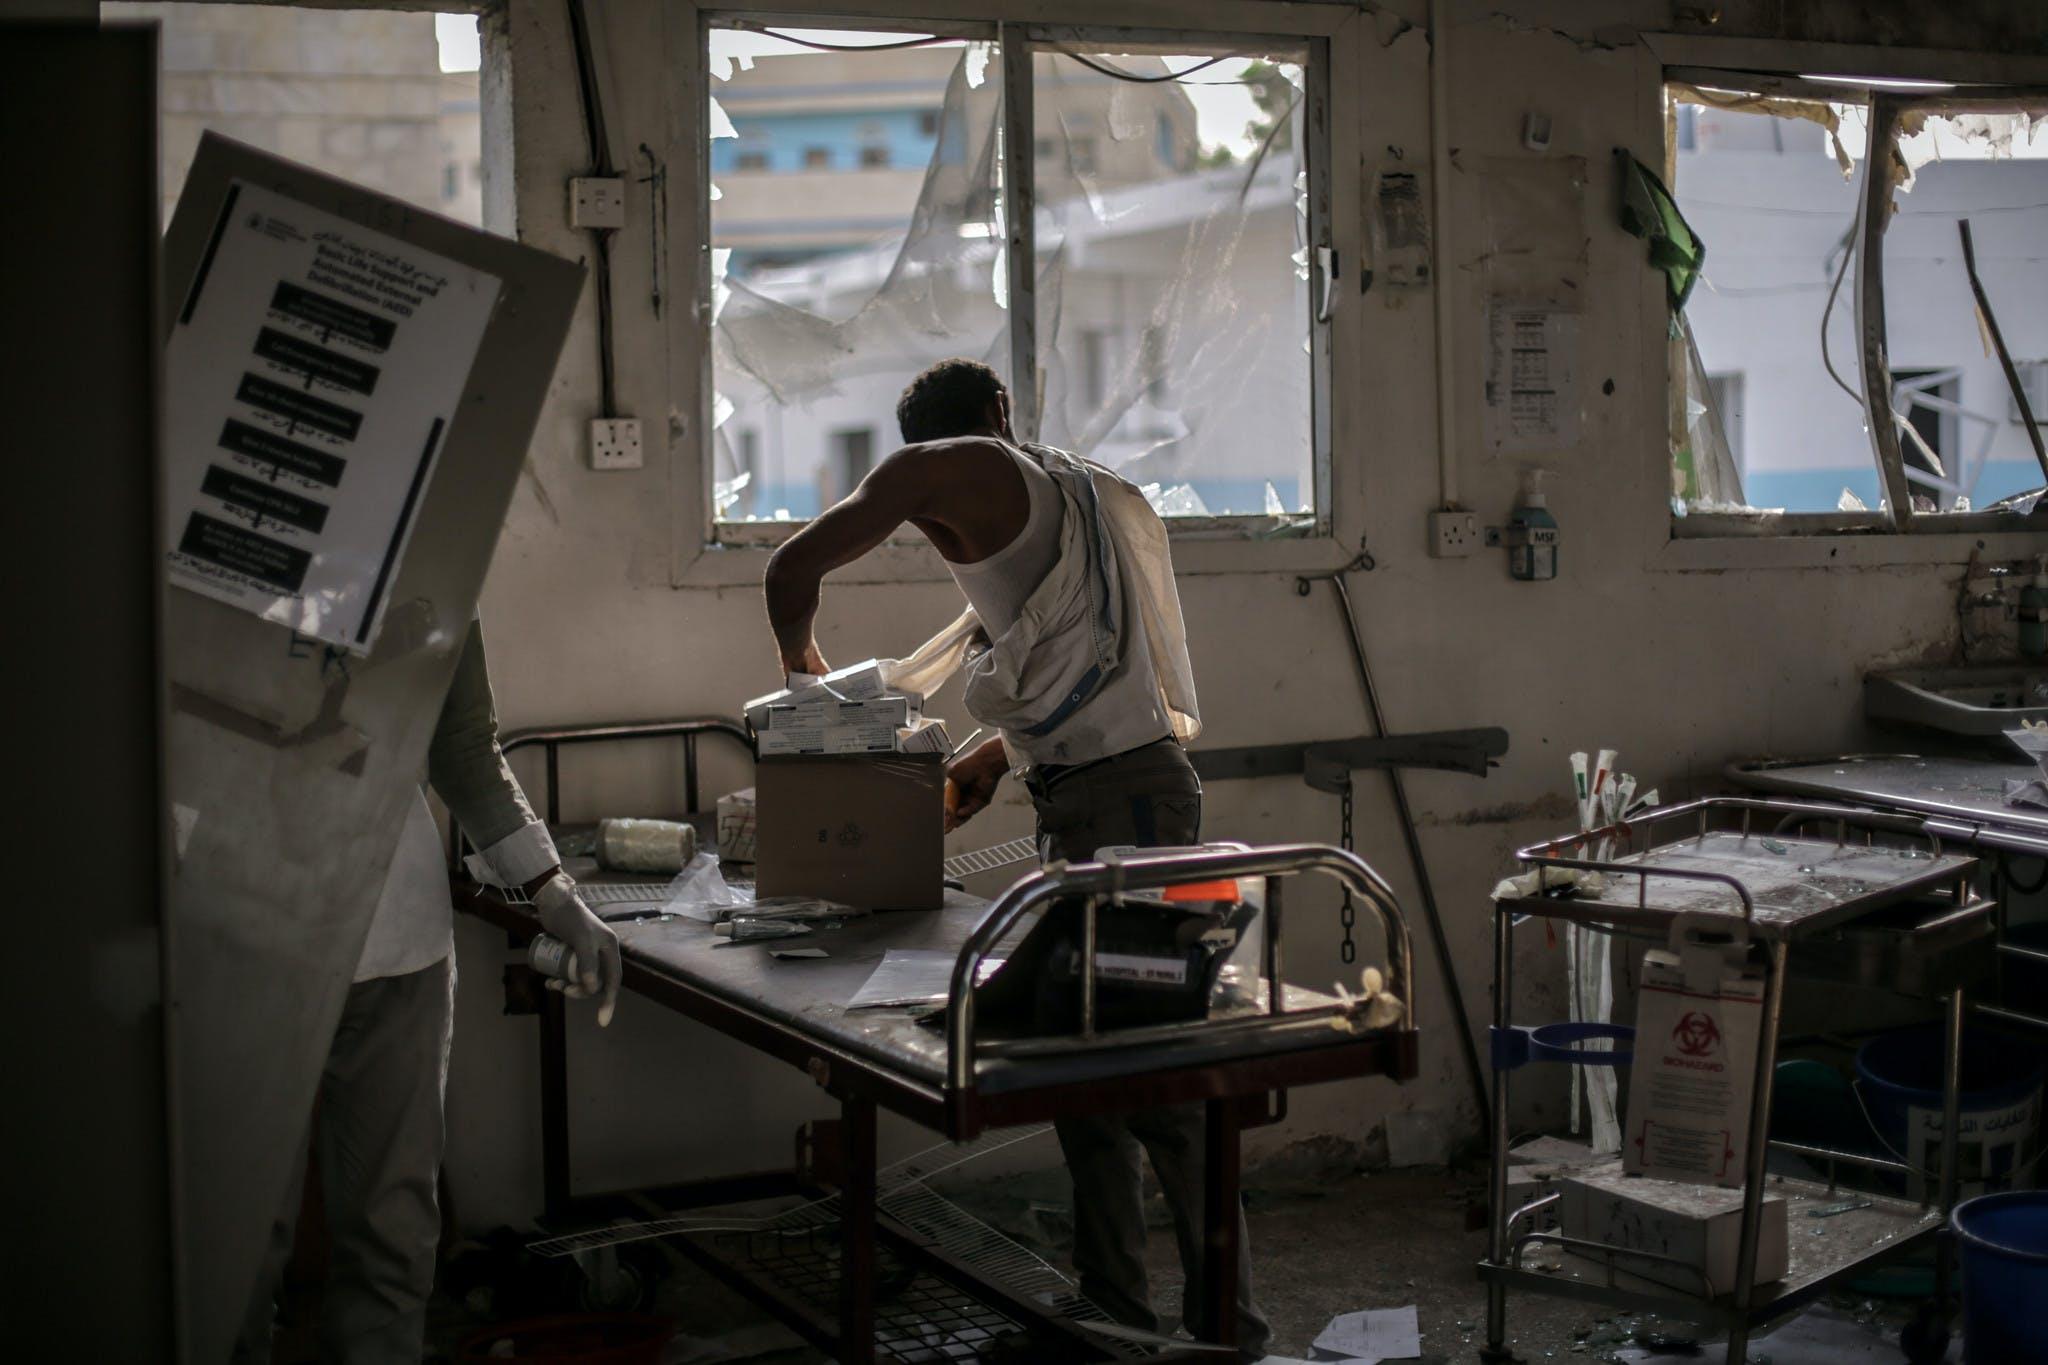 Des employés tentent de sauver du matériel dans l'hôpital de MSF bombardé à Abs, Yemen